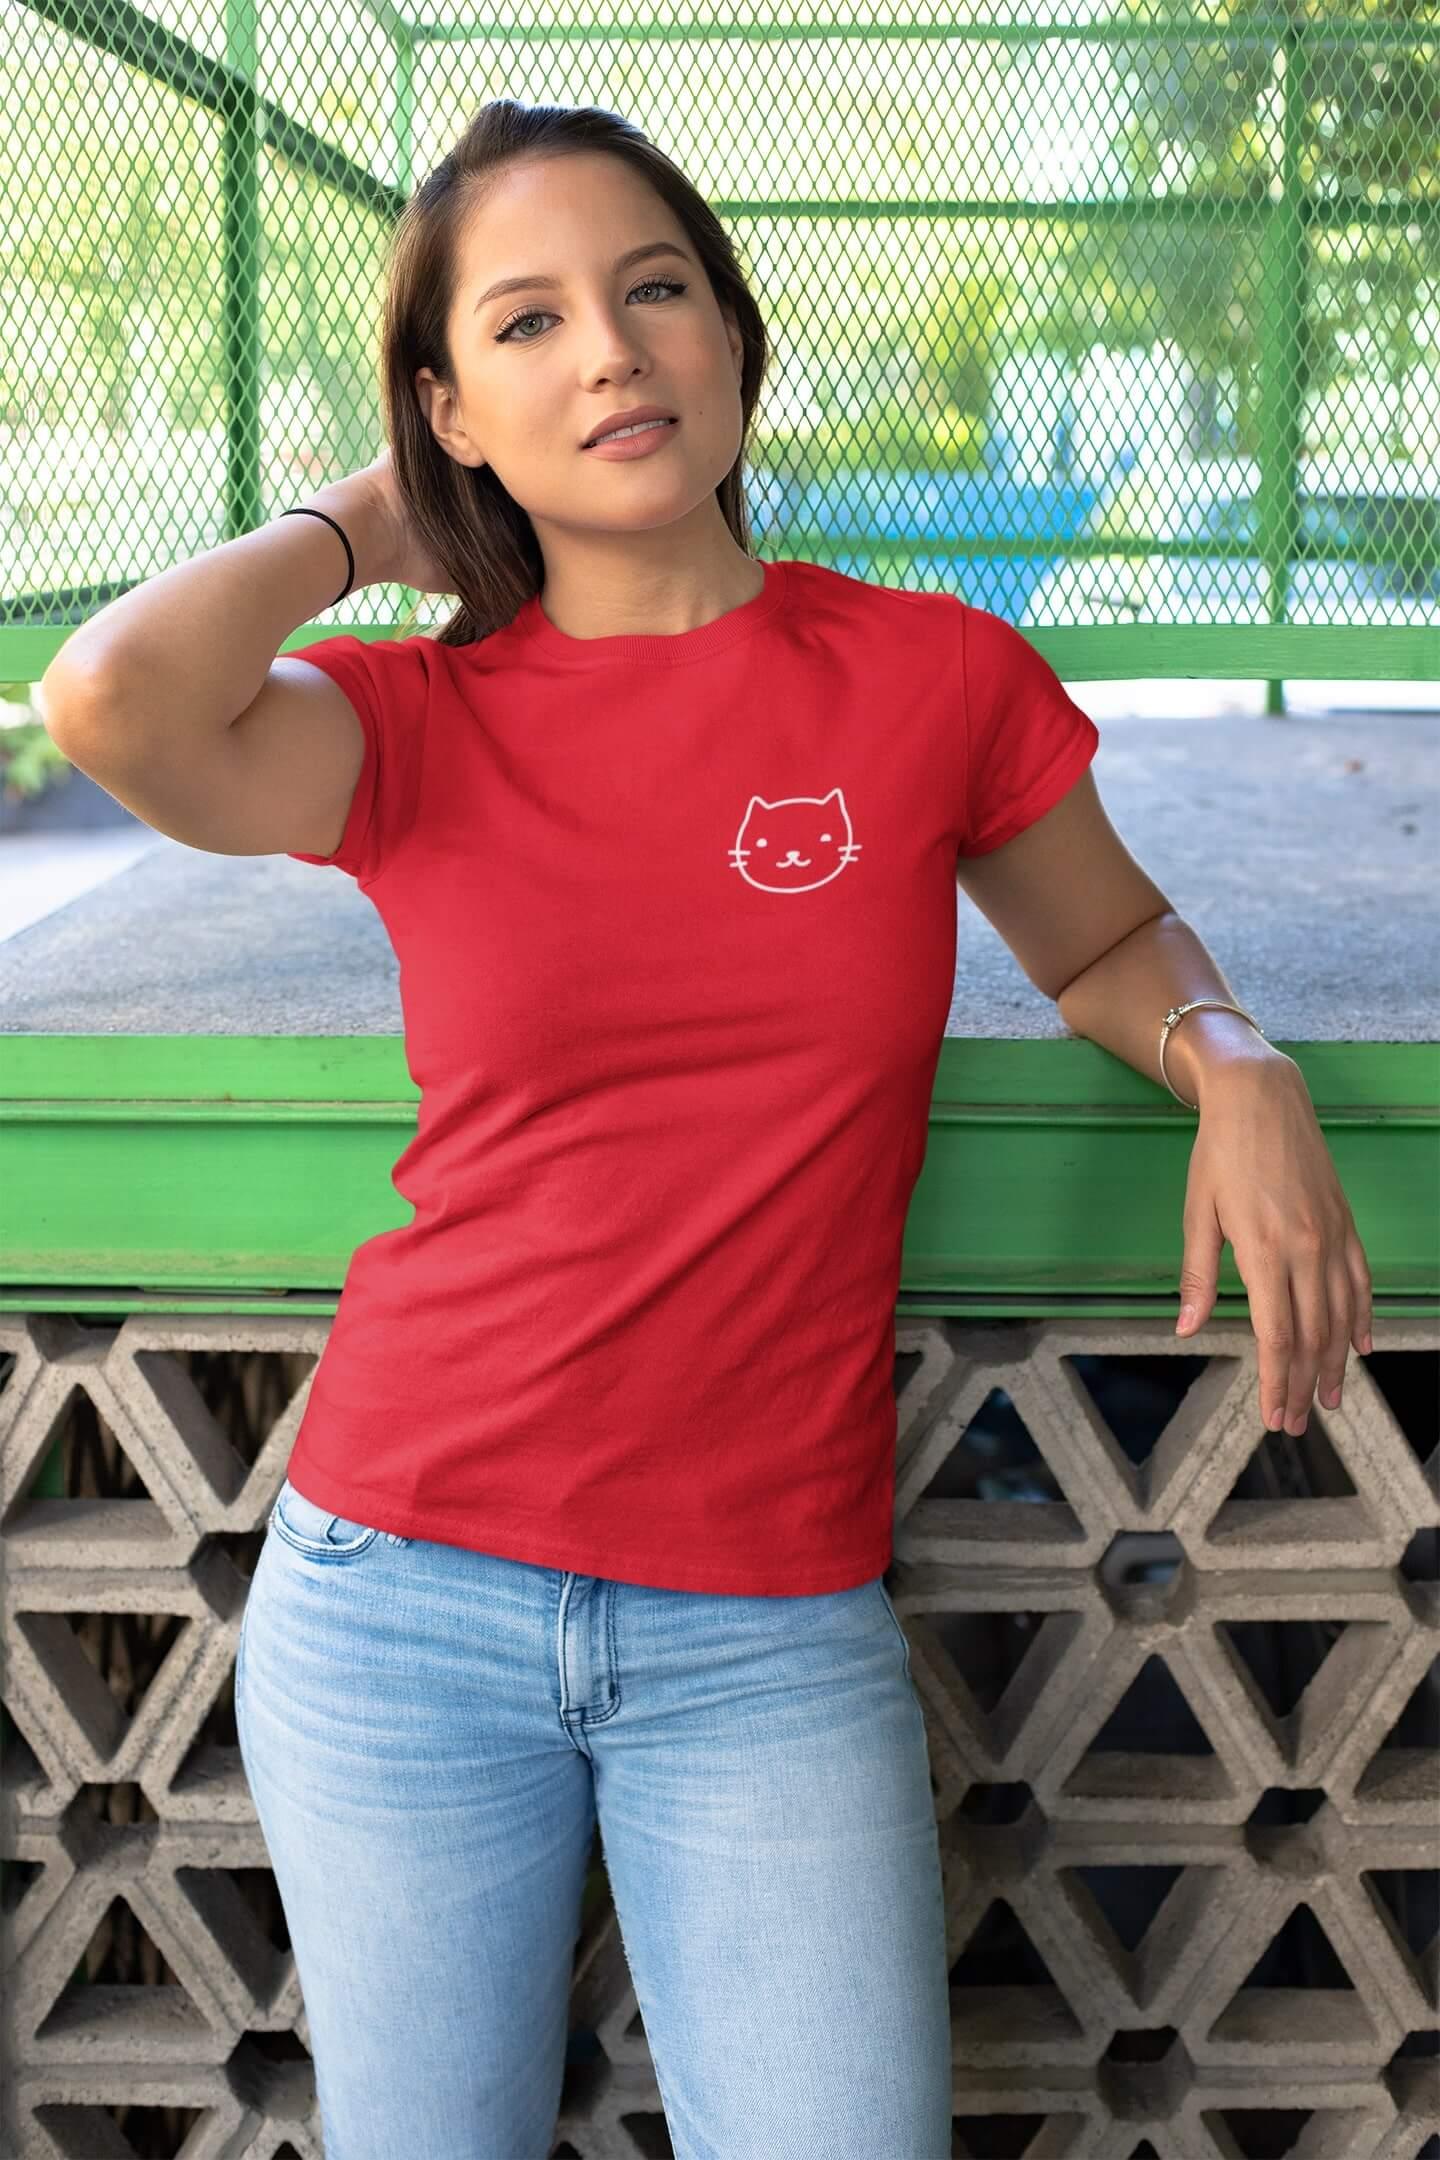 MMO Dámske tričko Mačka Vyberte farbu: Červená, Dámska veľkosť: S